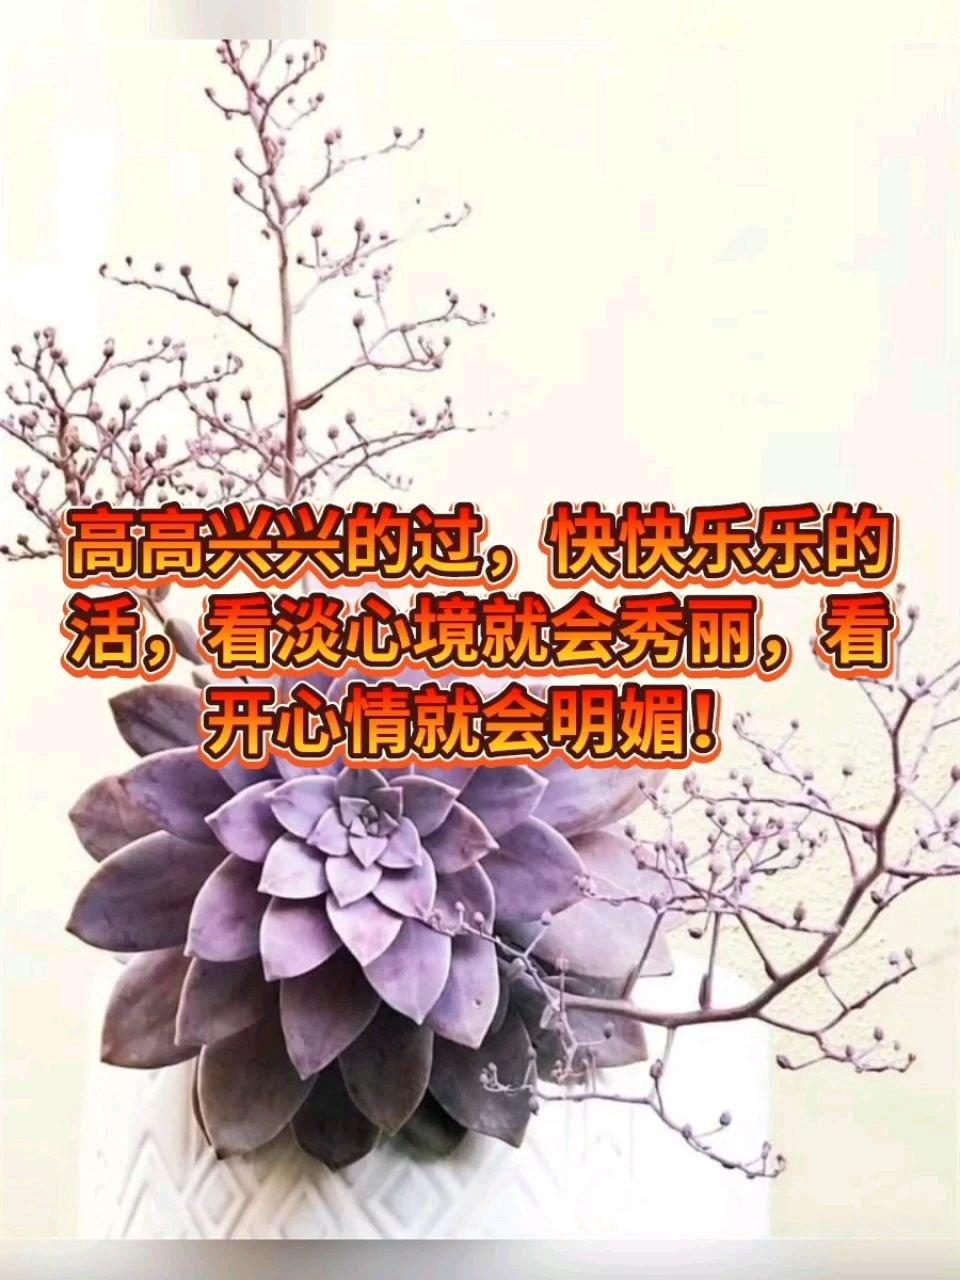 高高兴兴的过,快快乐乐的活,看淡心境就会秀丽,看开心情就会明媚!